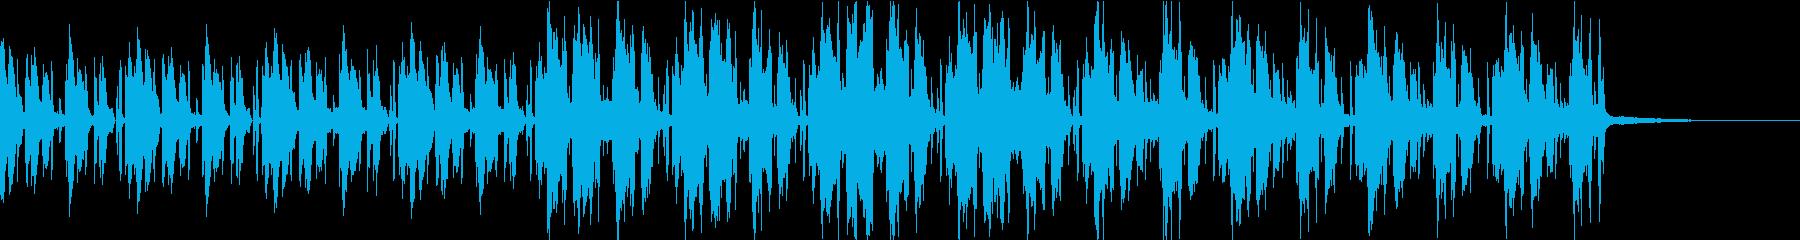 Pf「盗」和風現代ジャズの再生済みの波形